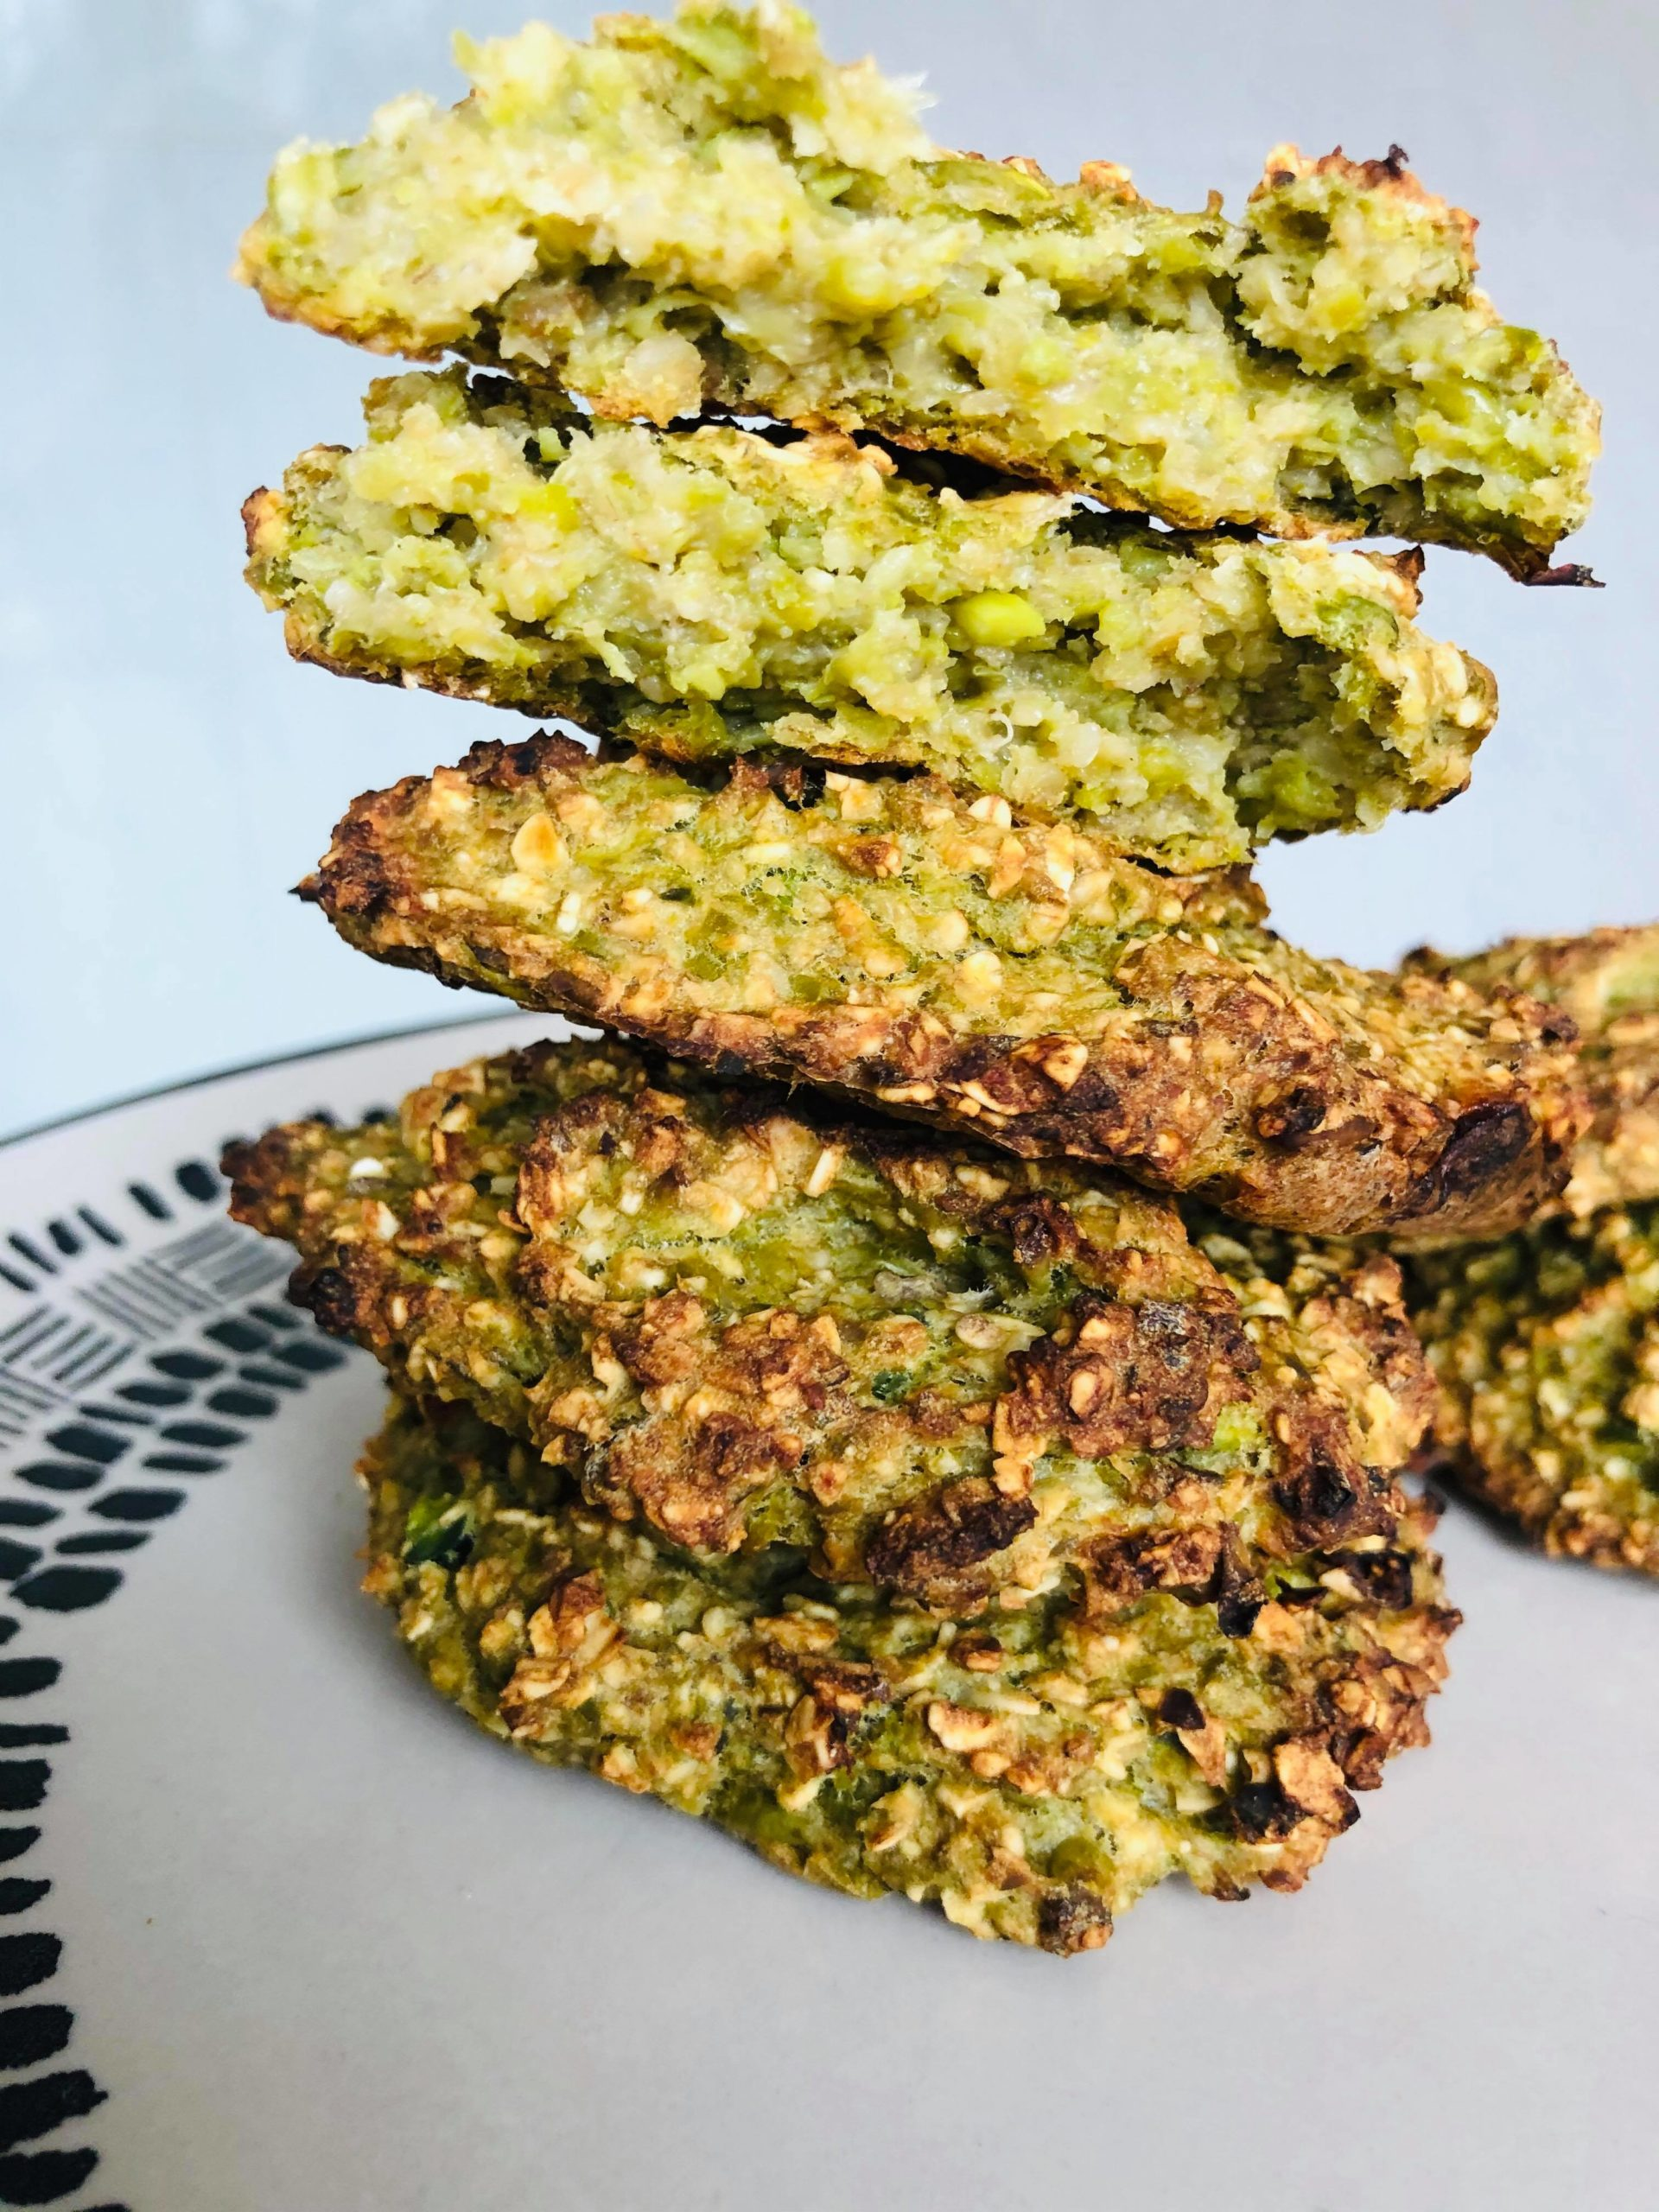 3-Ingredient Healthy Gluten-Free Oatmeal Cookies